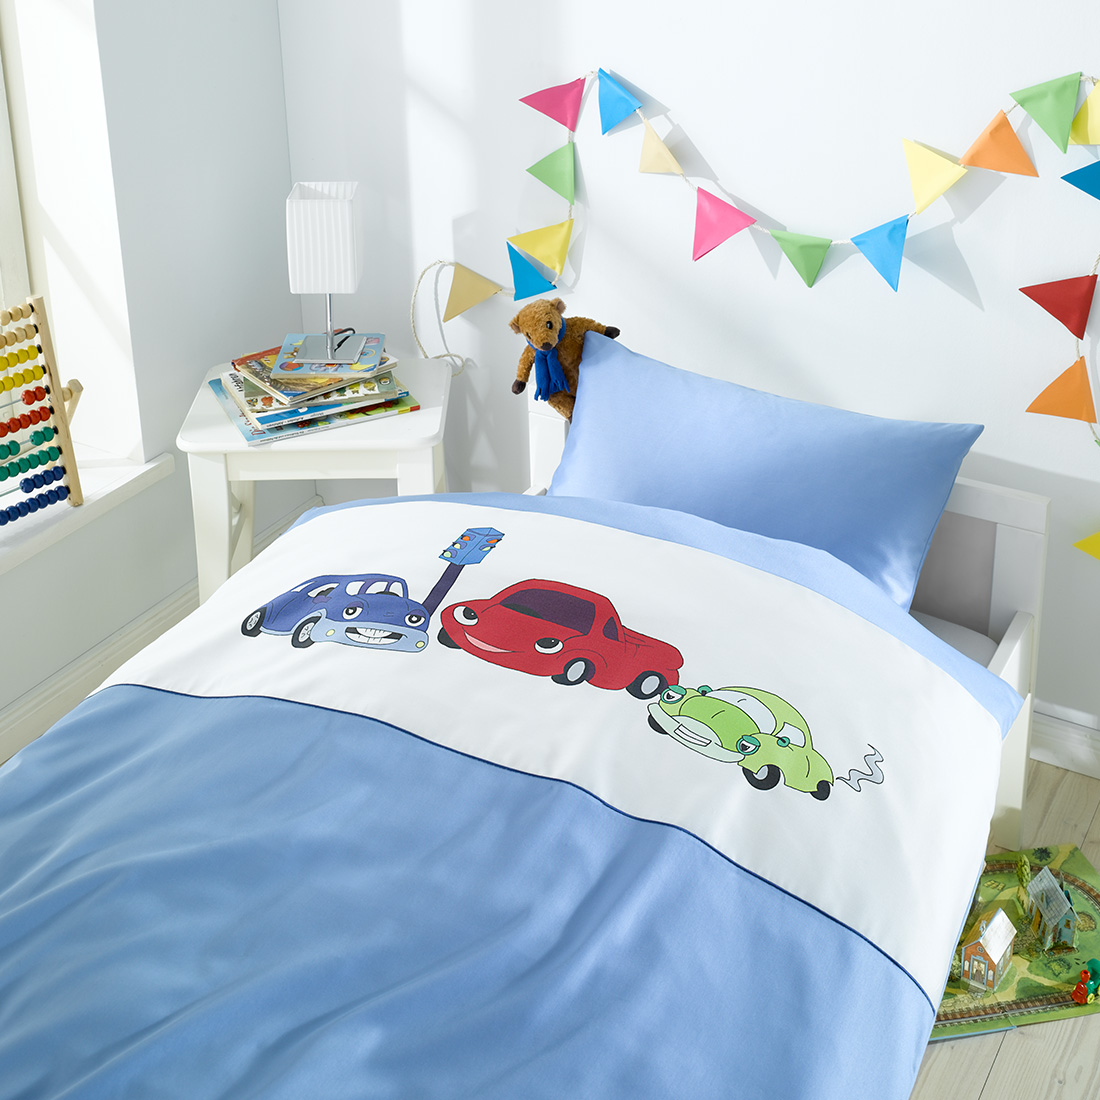 Bettwäsche Kinder Mako Satin.Kinderbettwasche Mit Grinsenden Autos Bettenhaus Sachse